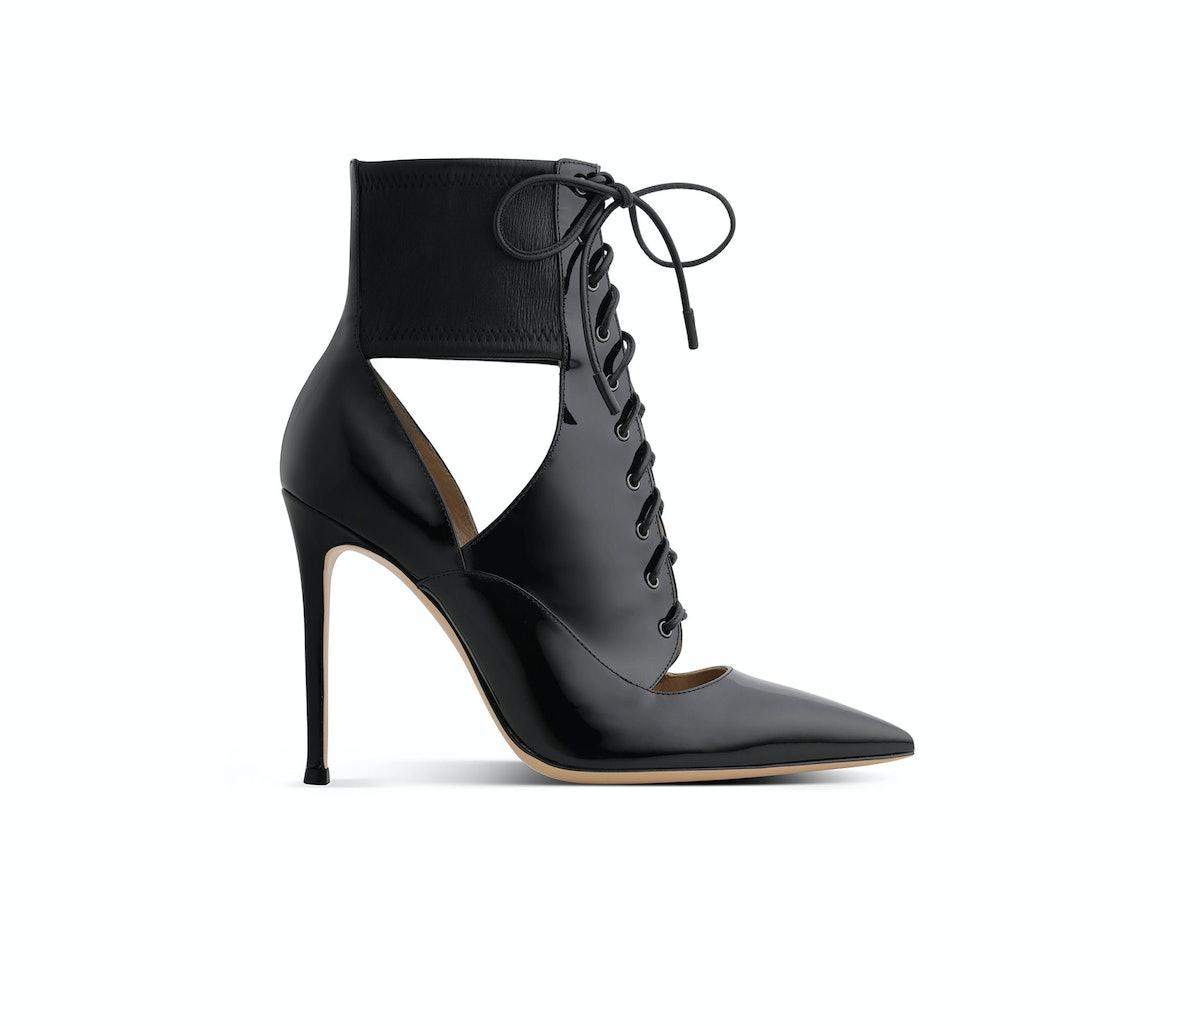 Gianvito Rossi heels